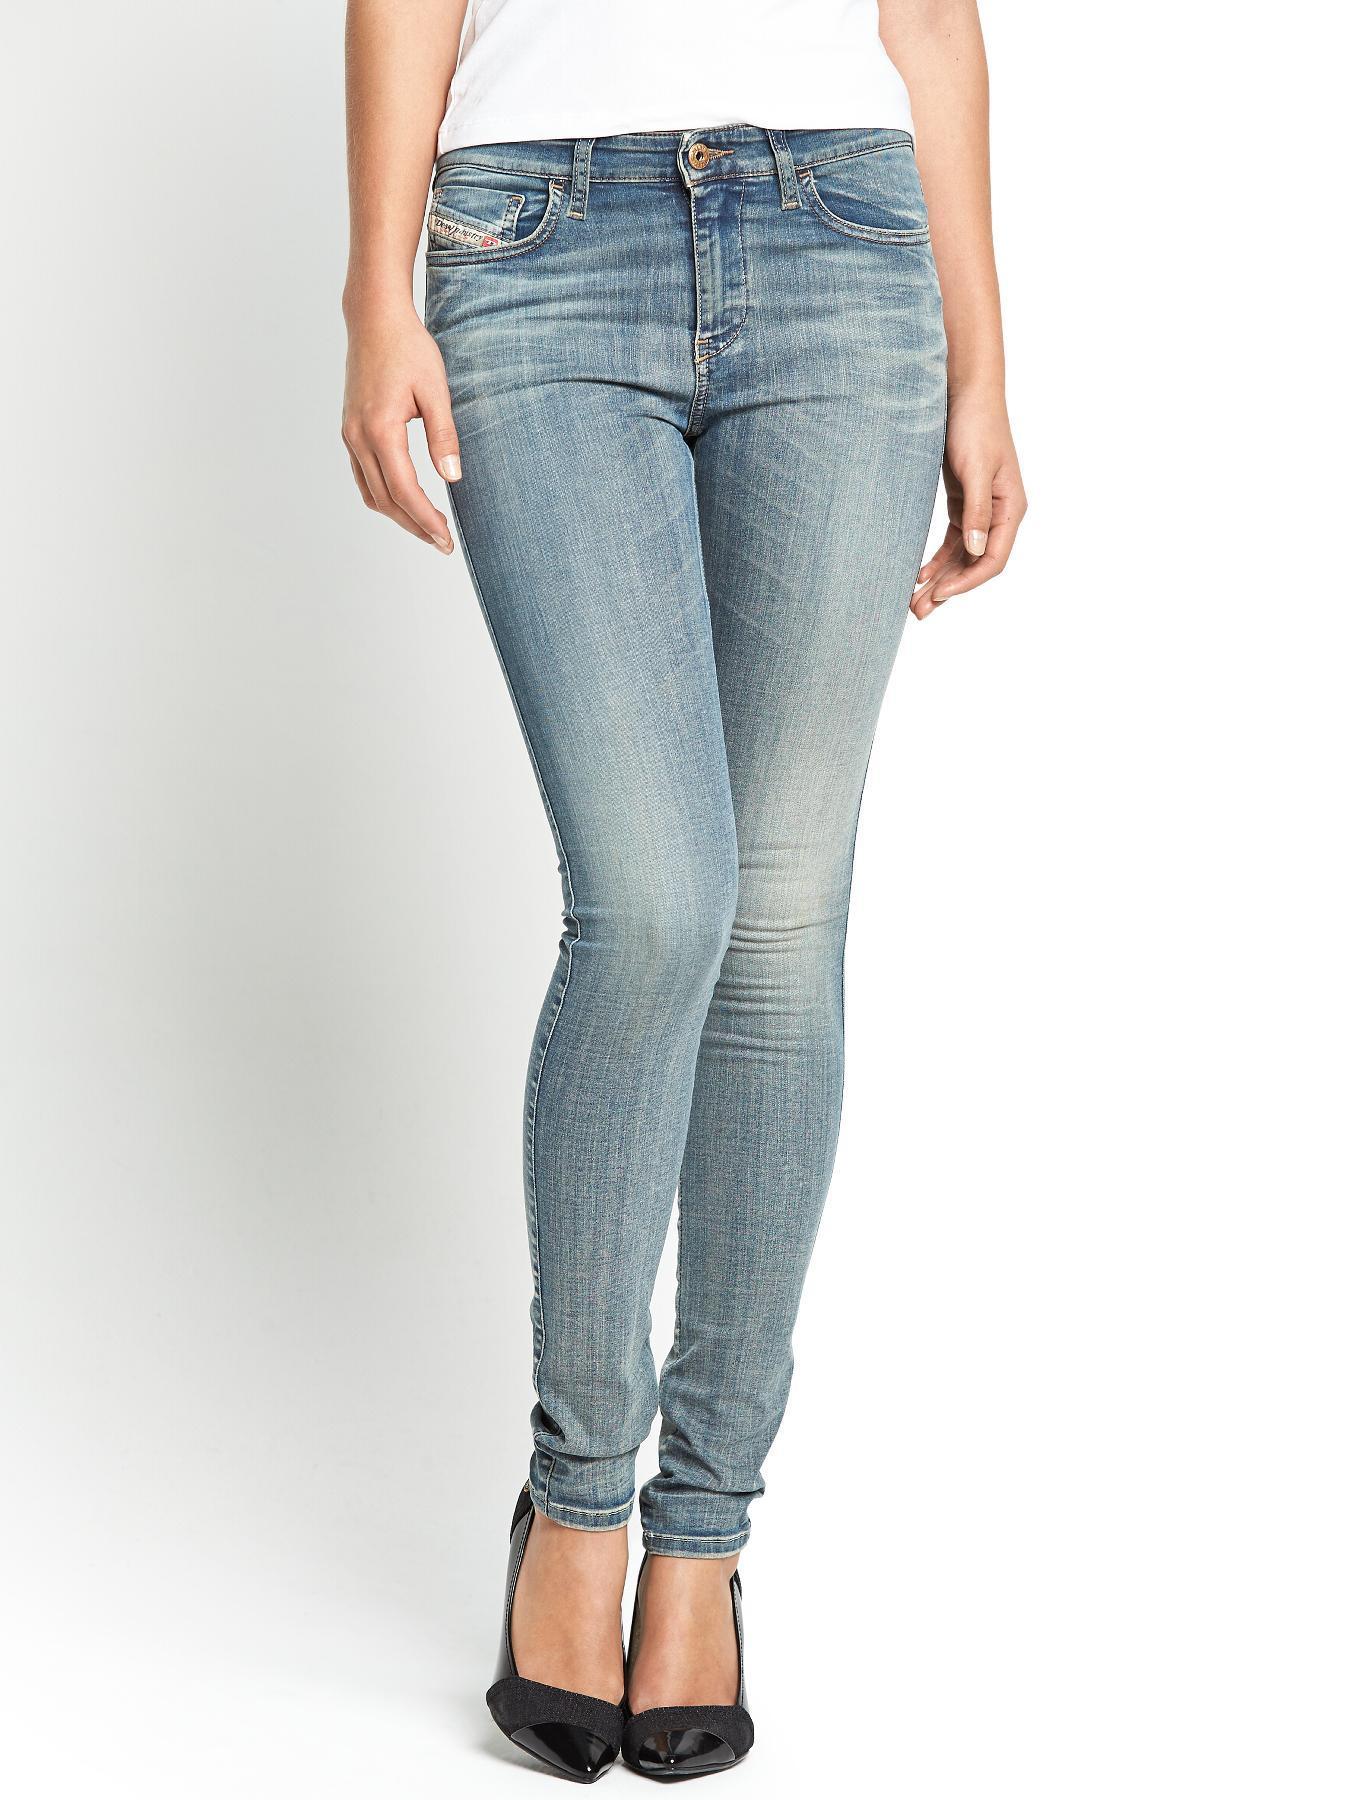 Skinzee Skinny Jeans - Vintage Wash